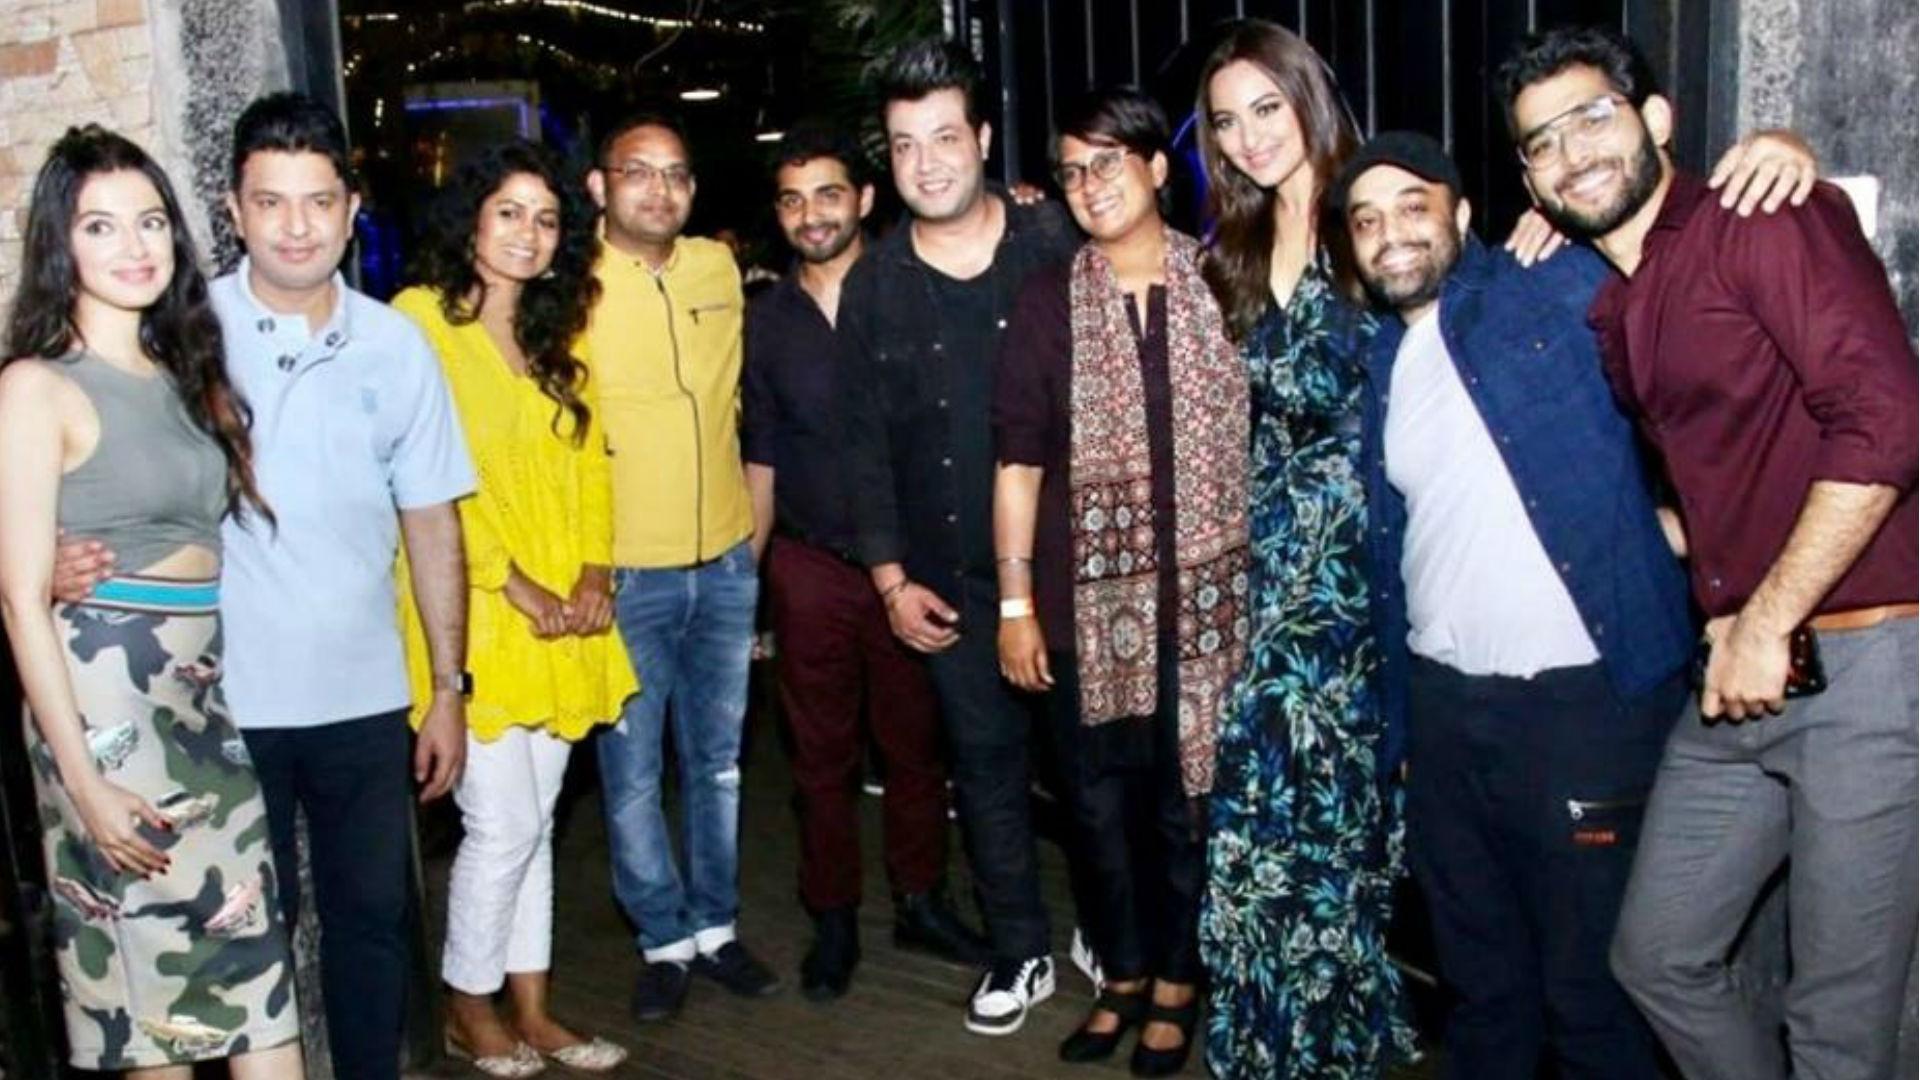 सोनाक्षी सिन्हा, बादशाह, वरुण शर्मा और अन्नू कपूर की फिल्म की शूटिंग खत्म, अभी फाइनल नहीं हुआ मूवी का नाम